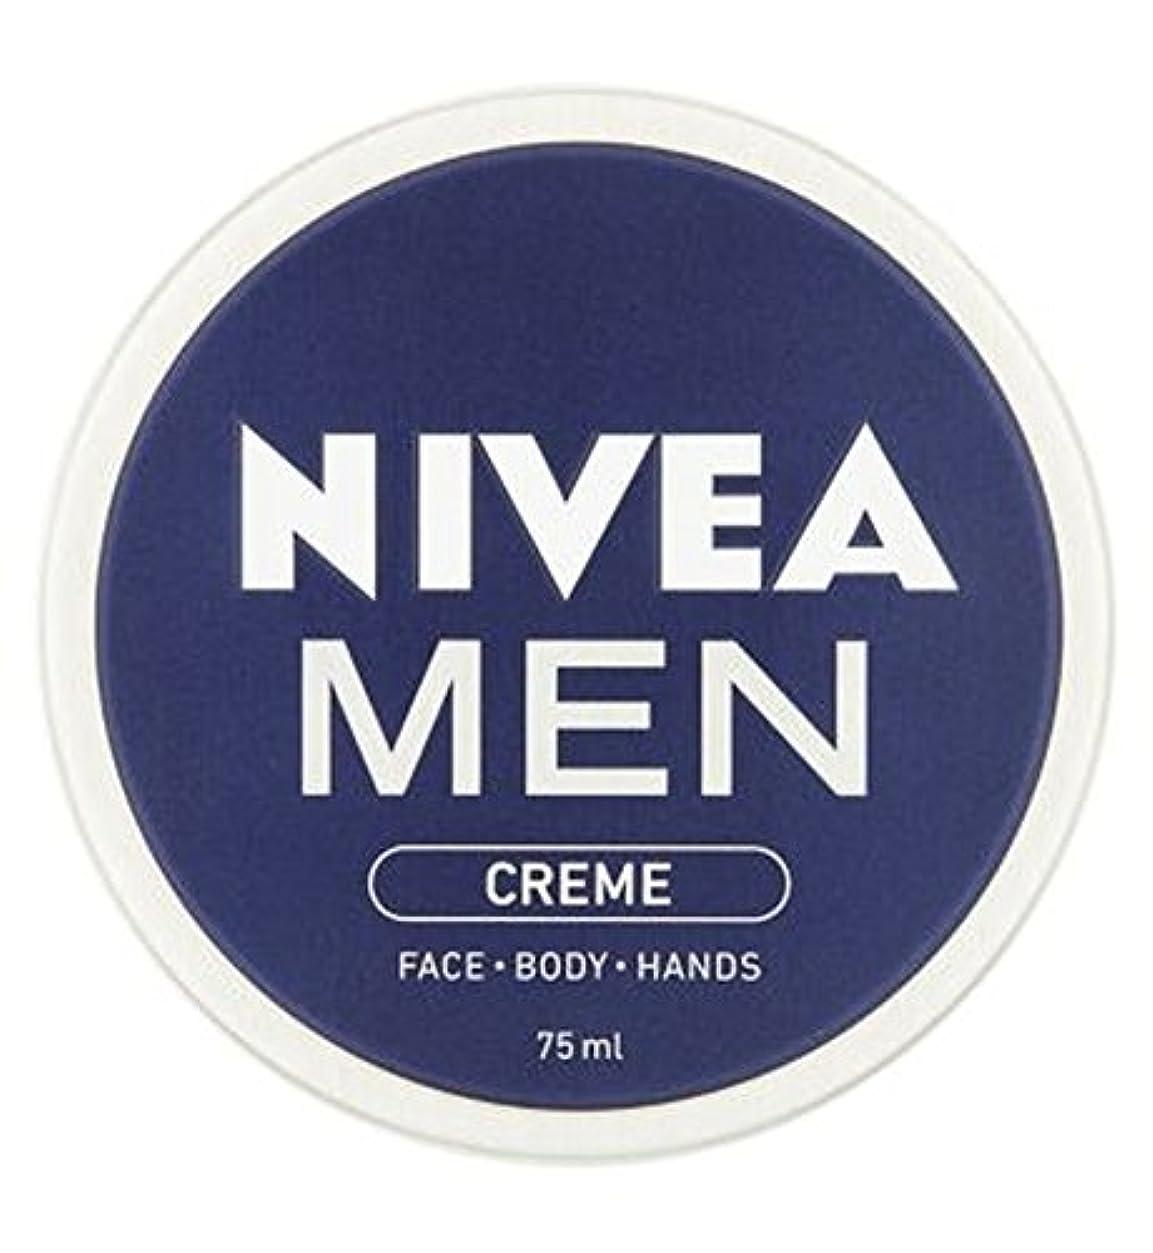 教浴マイナスニベアの男性は75ミリリットルをクリーム (Nivea) (x2) - NIVEA MEN Creme 75ml (Pack of 2) [並行輸入品]